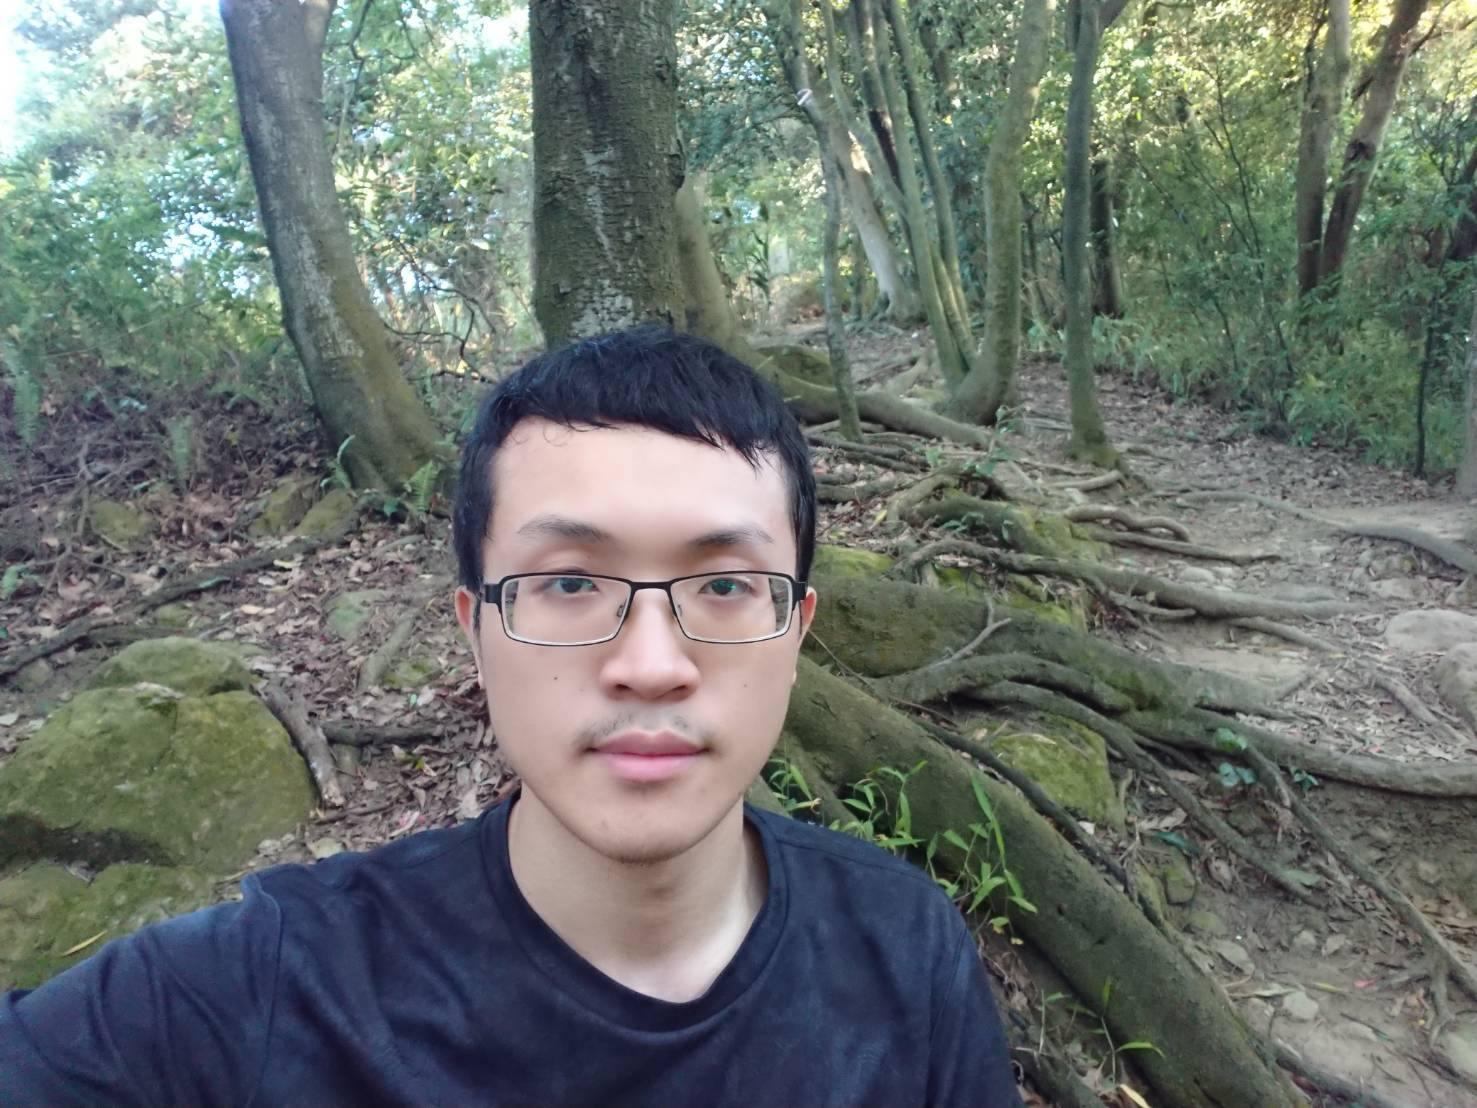 https://www.bounbang.com/blog/6a1cdde96086a3b8.jpg